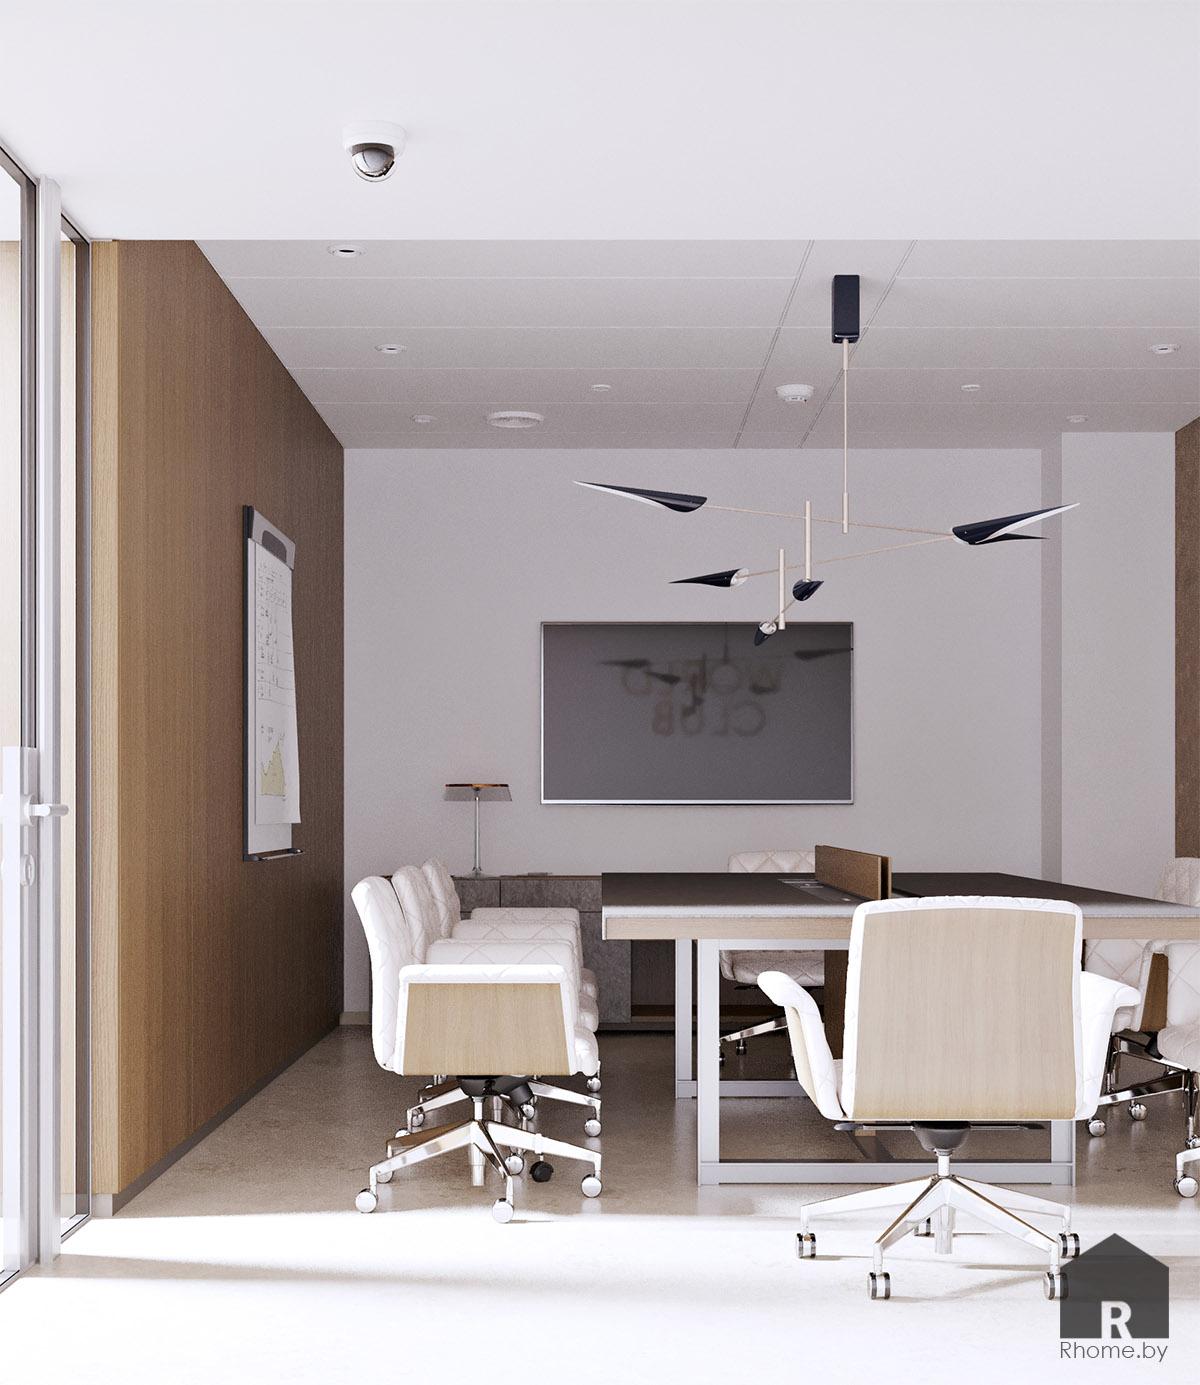 Дизайн интерьера переговорной | Дизайн студия – Rhome.by